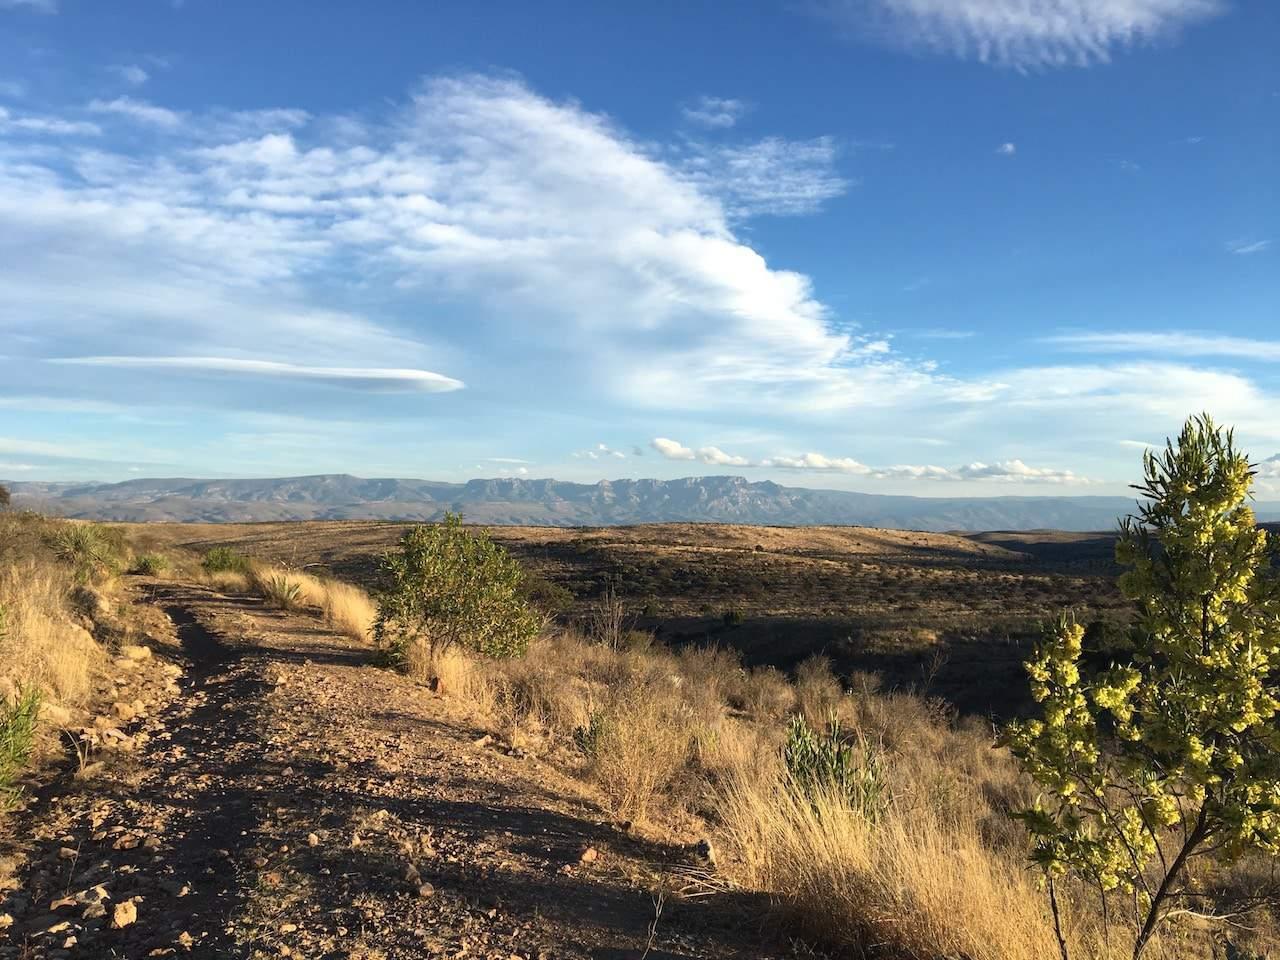 The Durango landscape